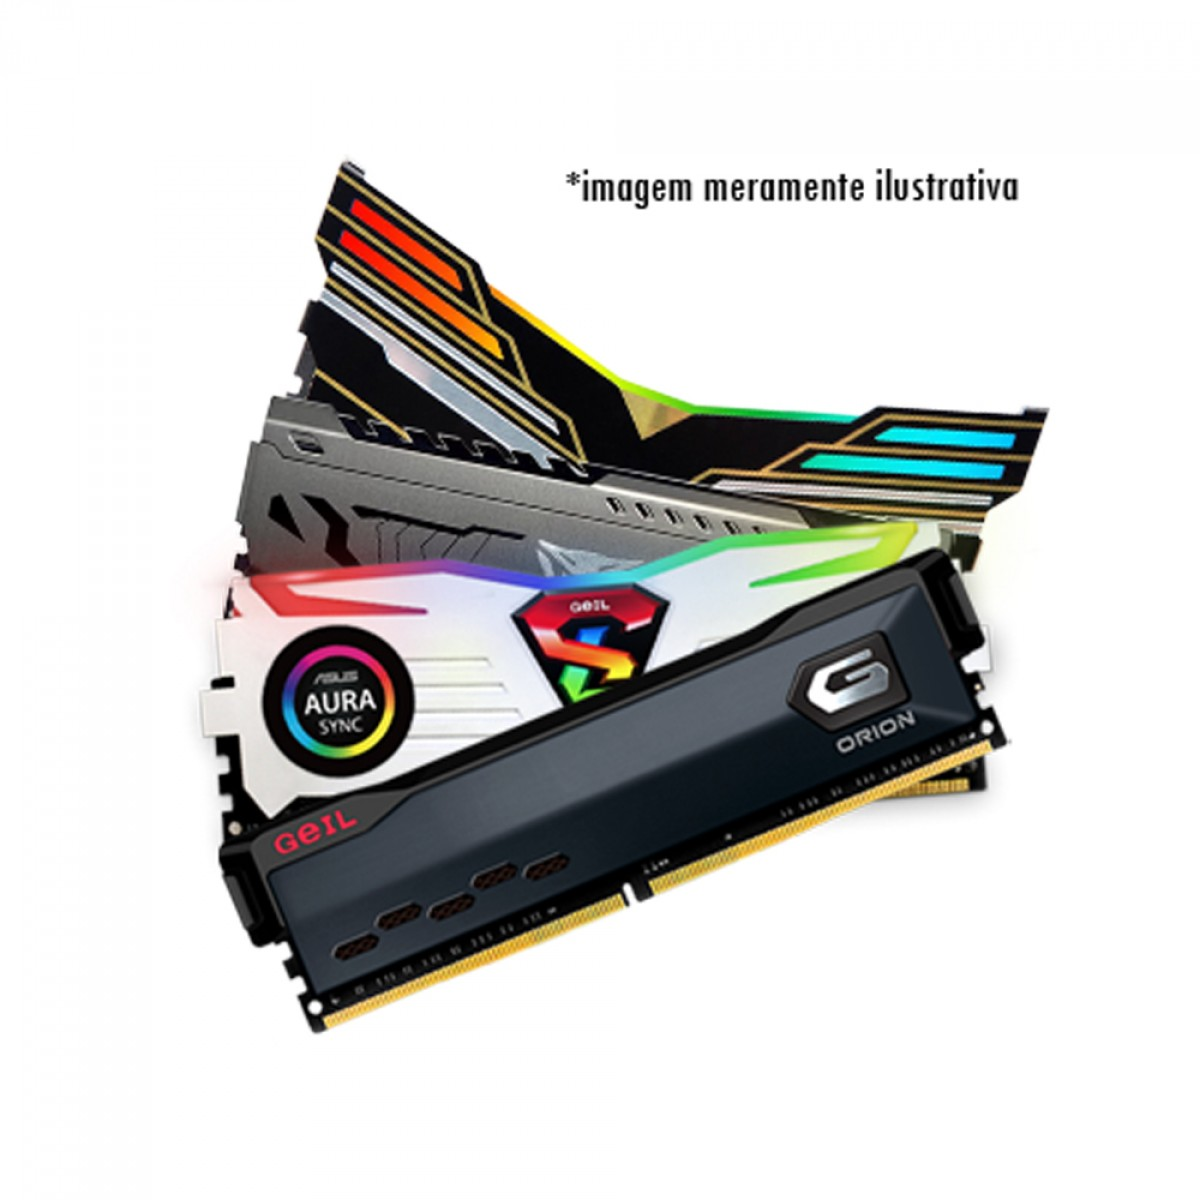 Kit Upgrade ASUS TUF GAMING B450M-PRO II + AMD Ryzen 5 PRO 4650G +  16GB DDR4 (2x8GB) 3000MHz